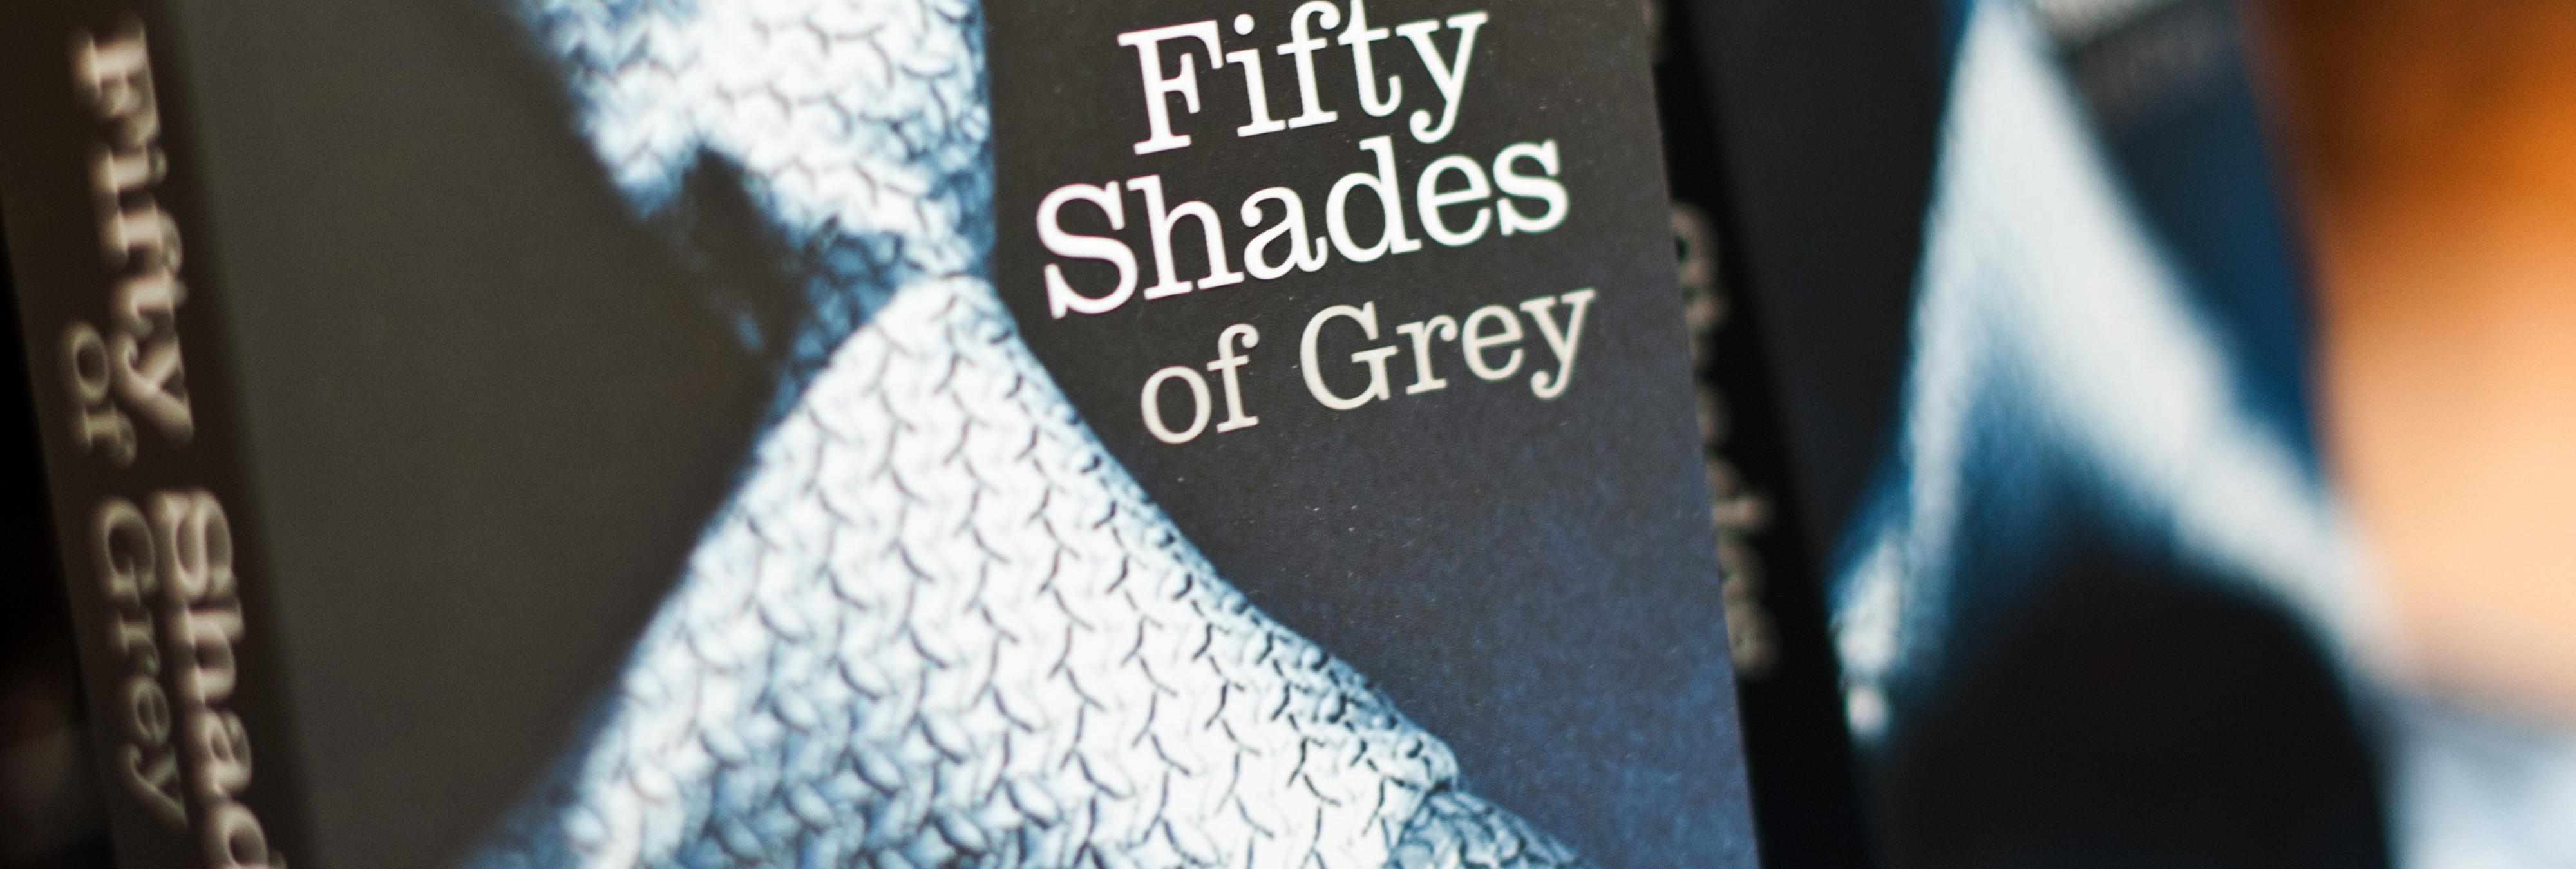 Esta librería está rogando a sus clientes que dejen de donar 'Cincuenta sombras de Grey'